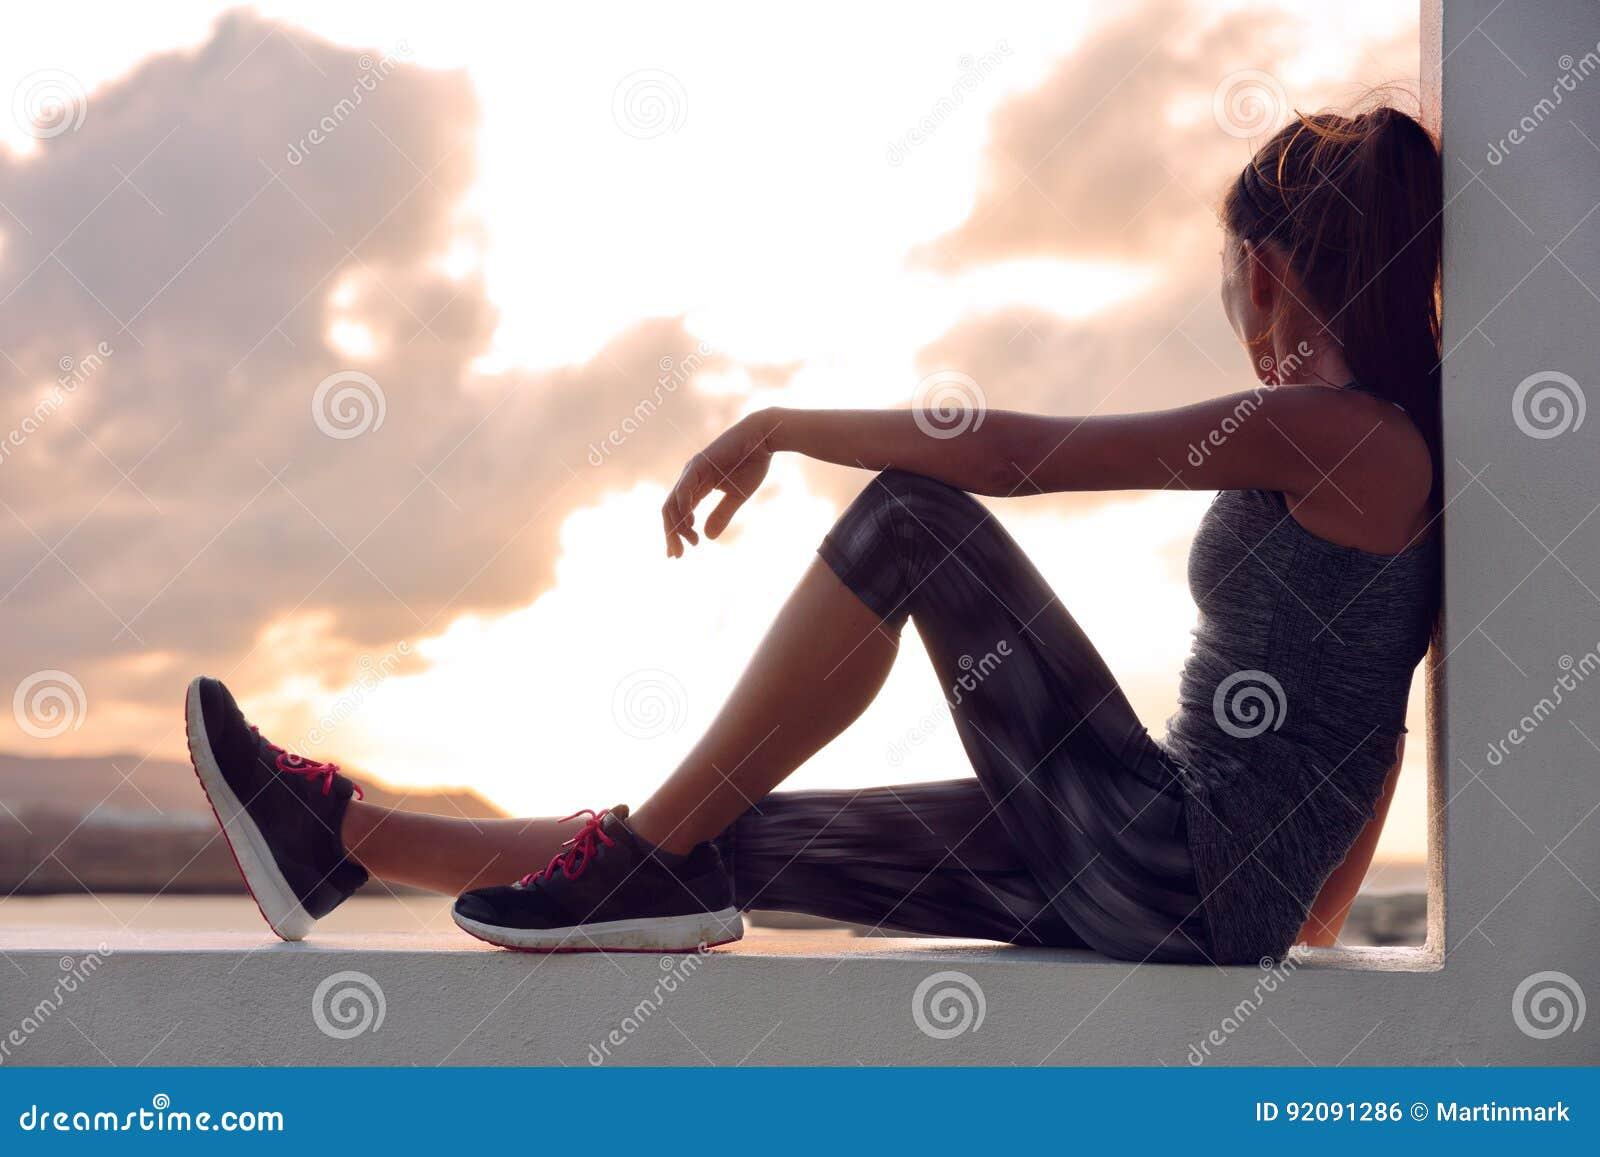 Χαλάρωση γυναικών δρομέων αθλητών ικανότητας στο ηλιοβασίλεμα